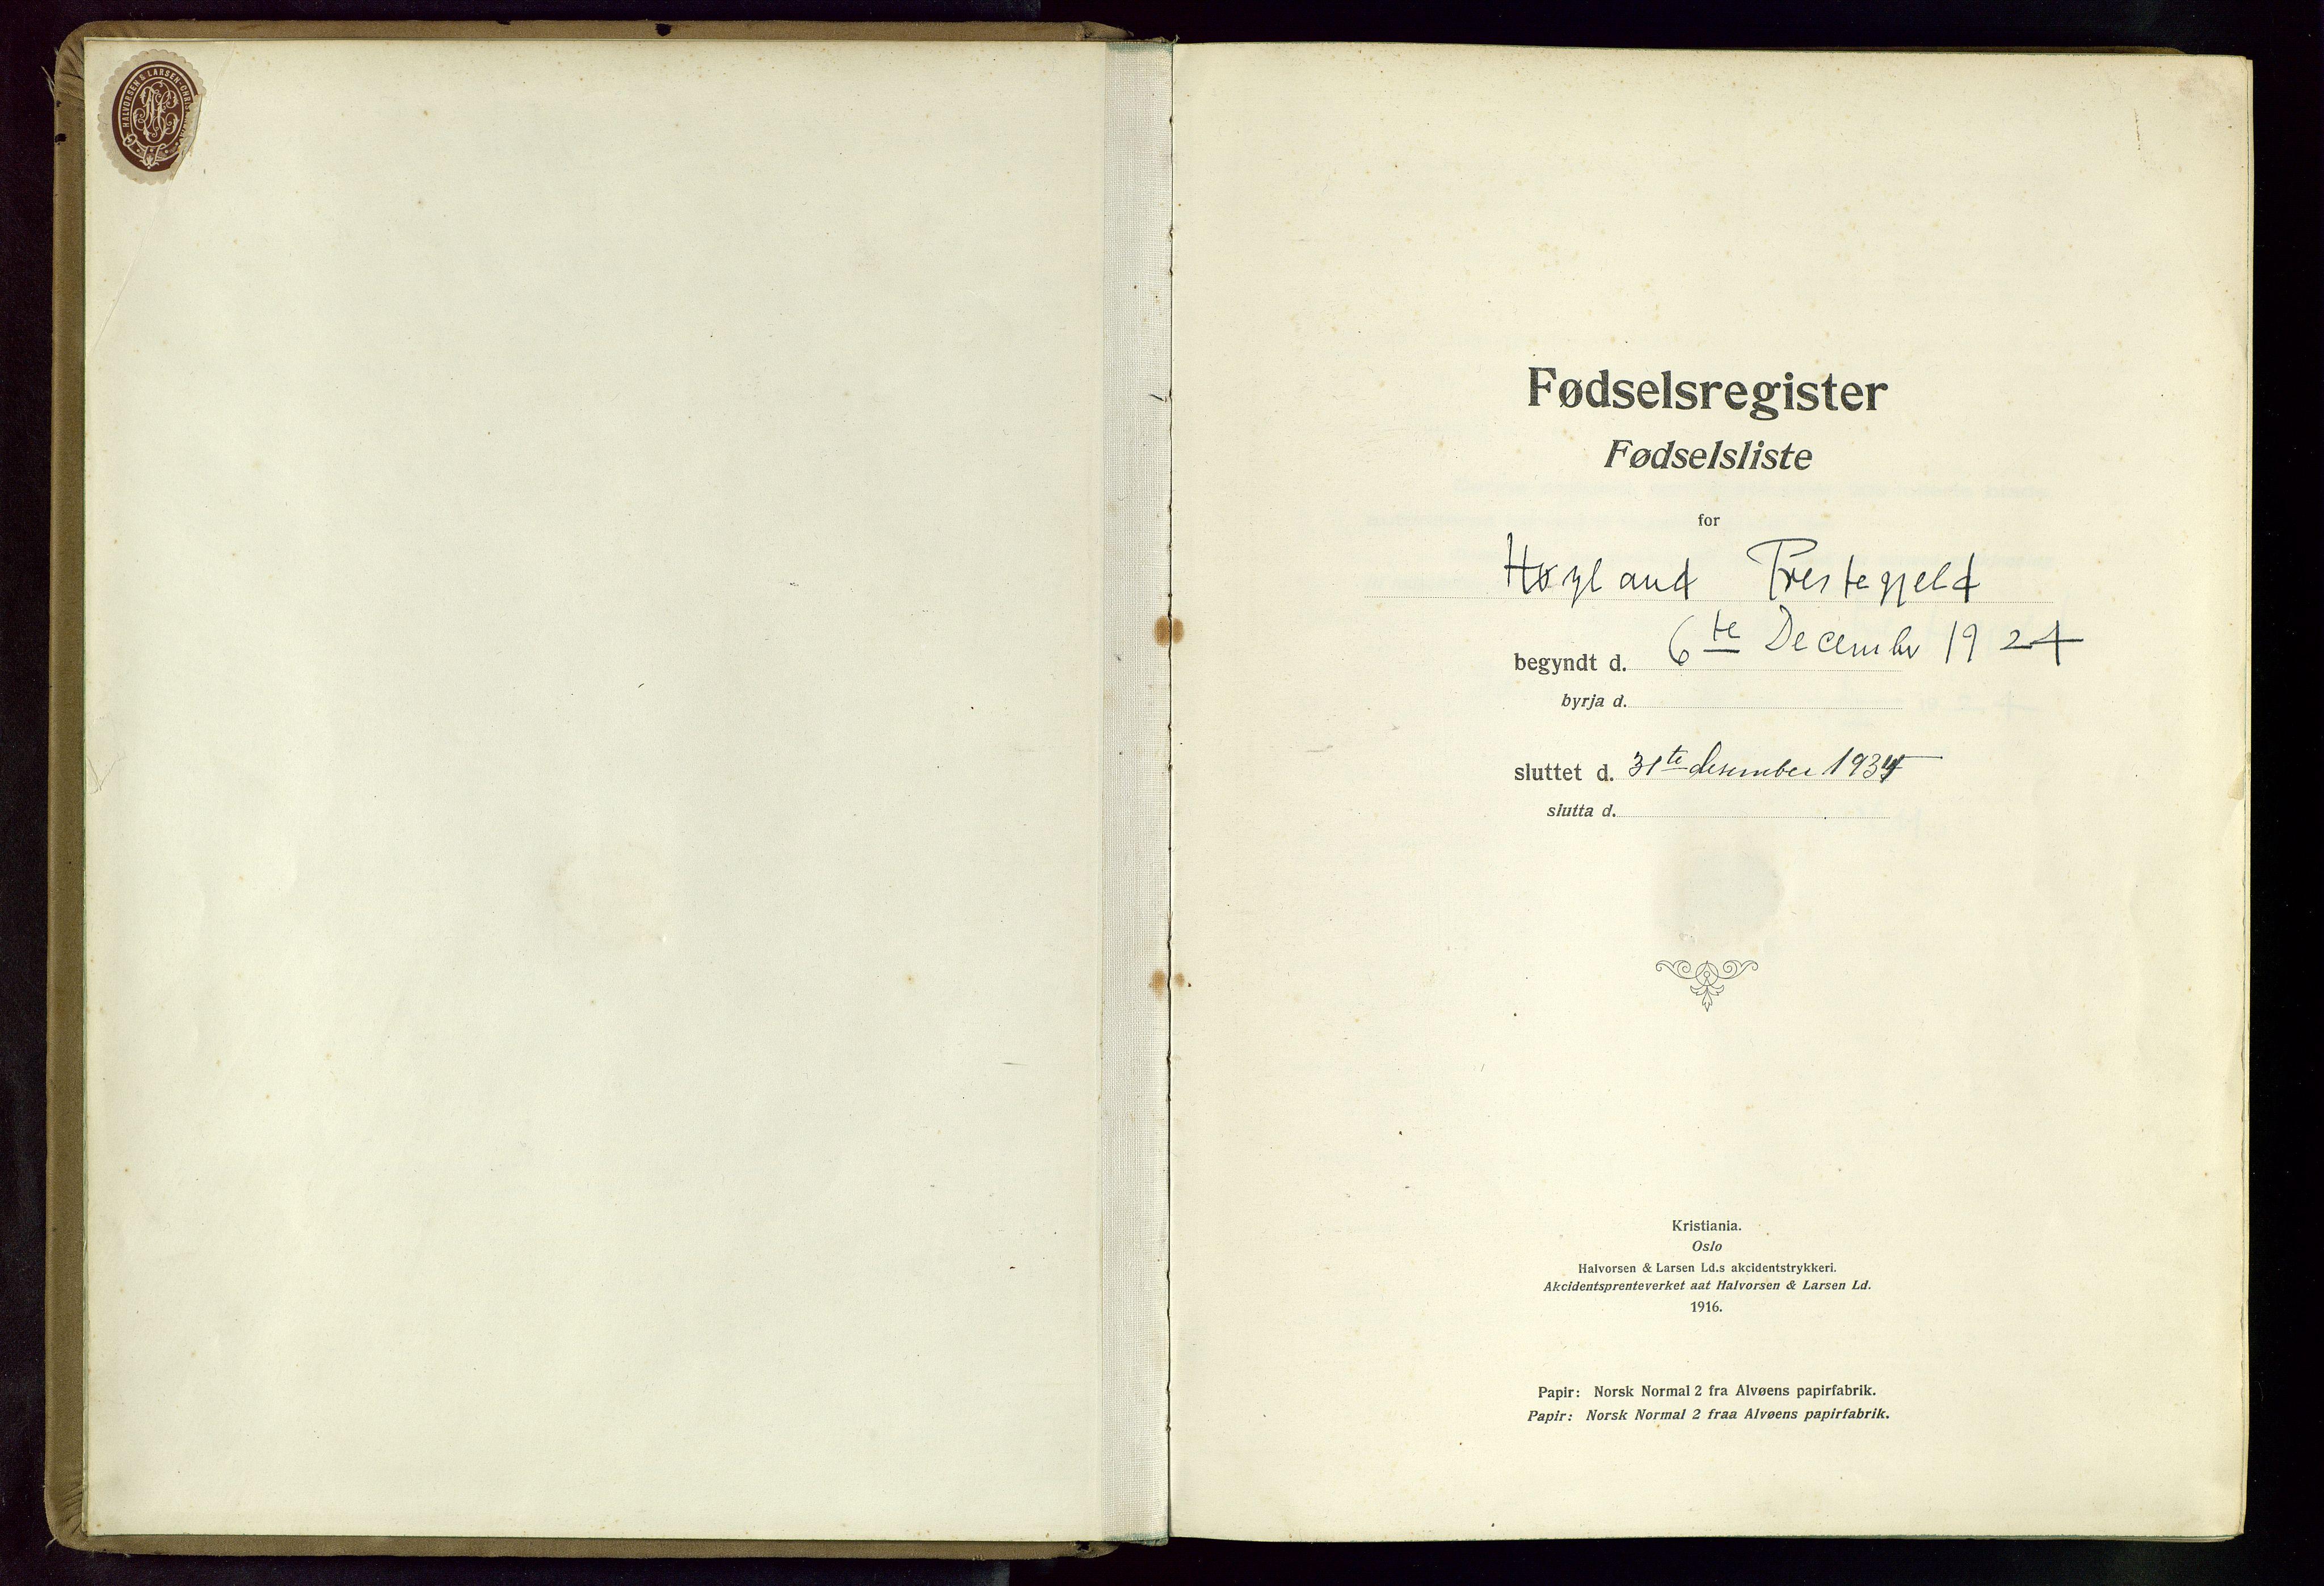 SAST, Høyland sokneprestkontor, O/L0002: Fødselsregister nr. 2, 1924-1934